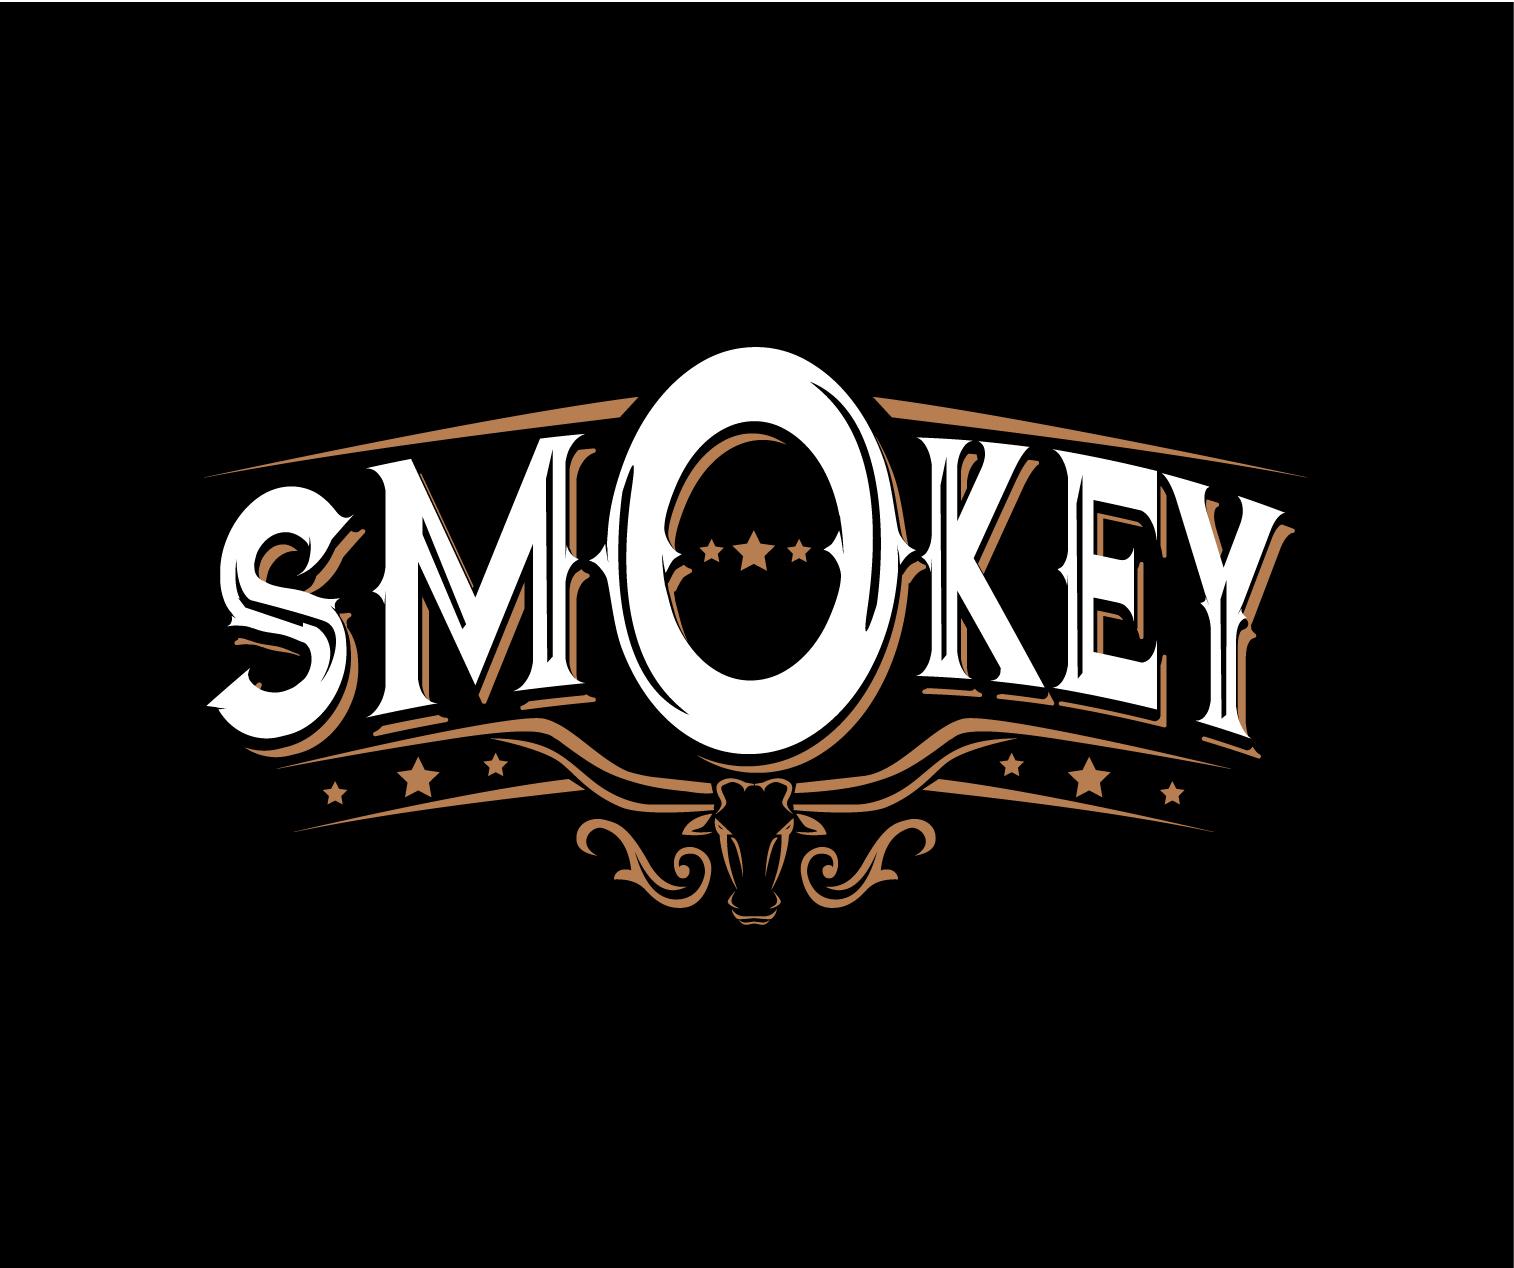 Le Smokey